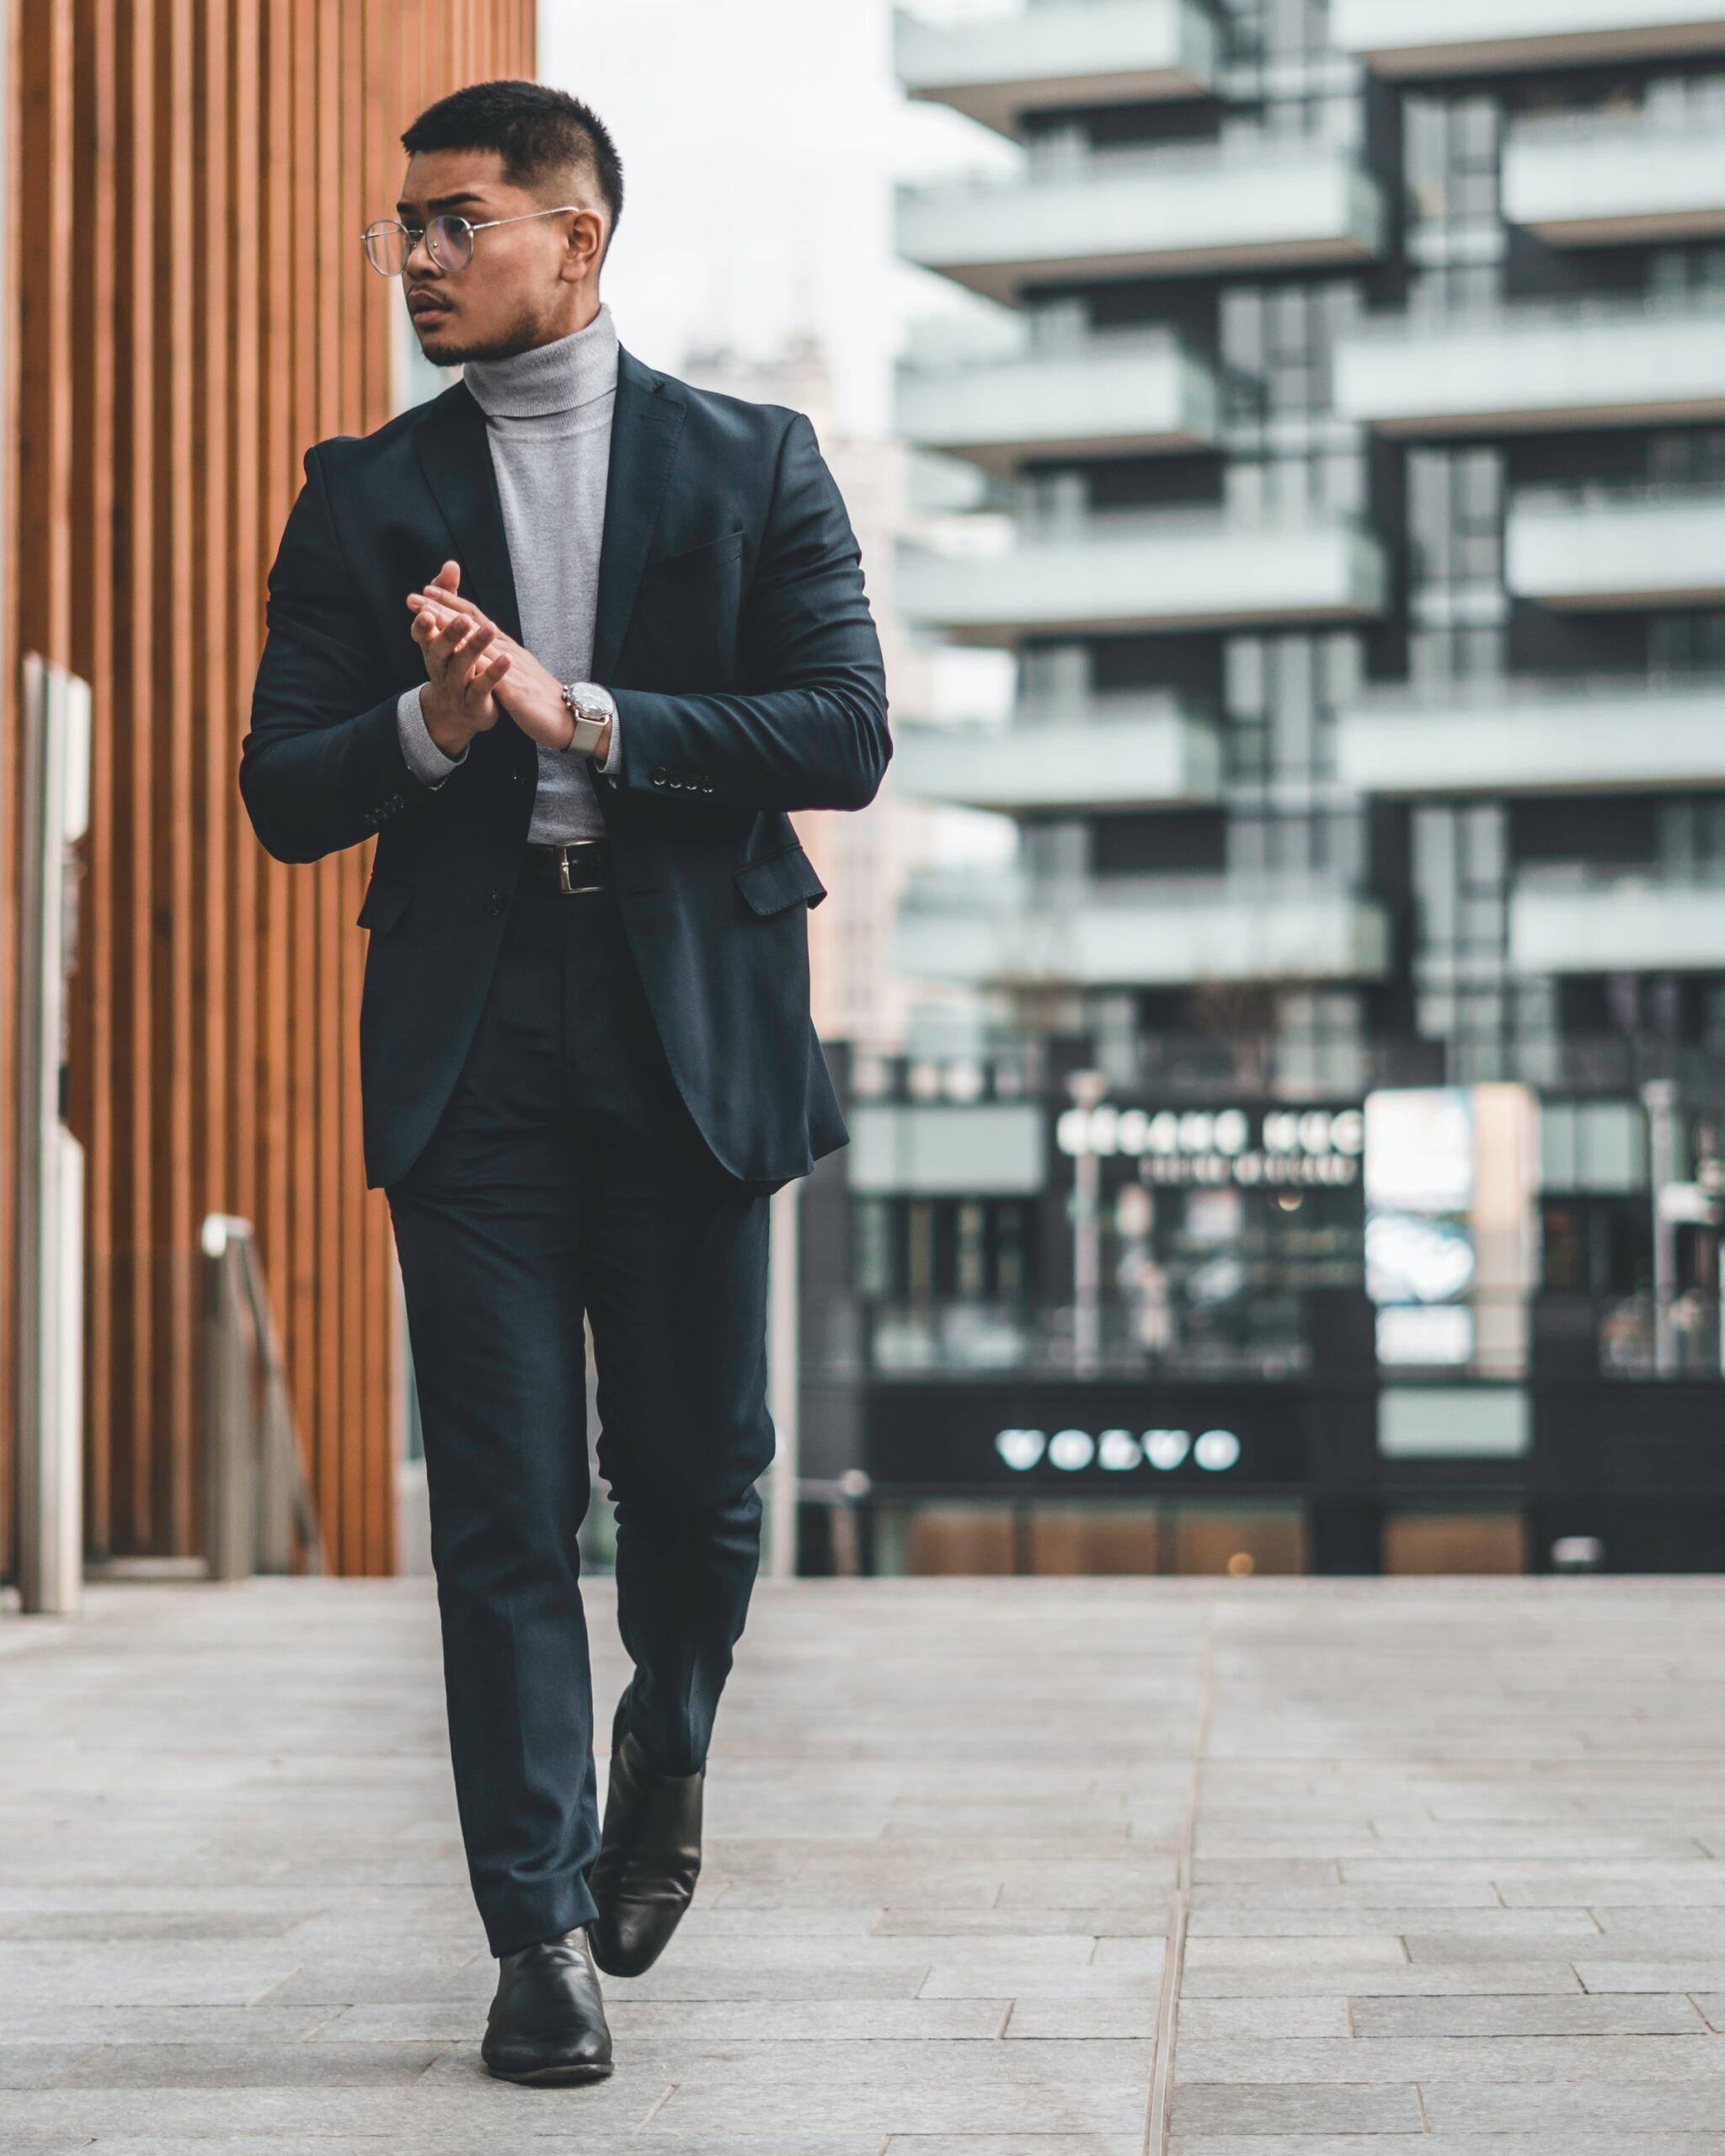 Afla totul despre codurile vestimentare pentru barbati